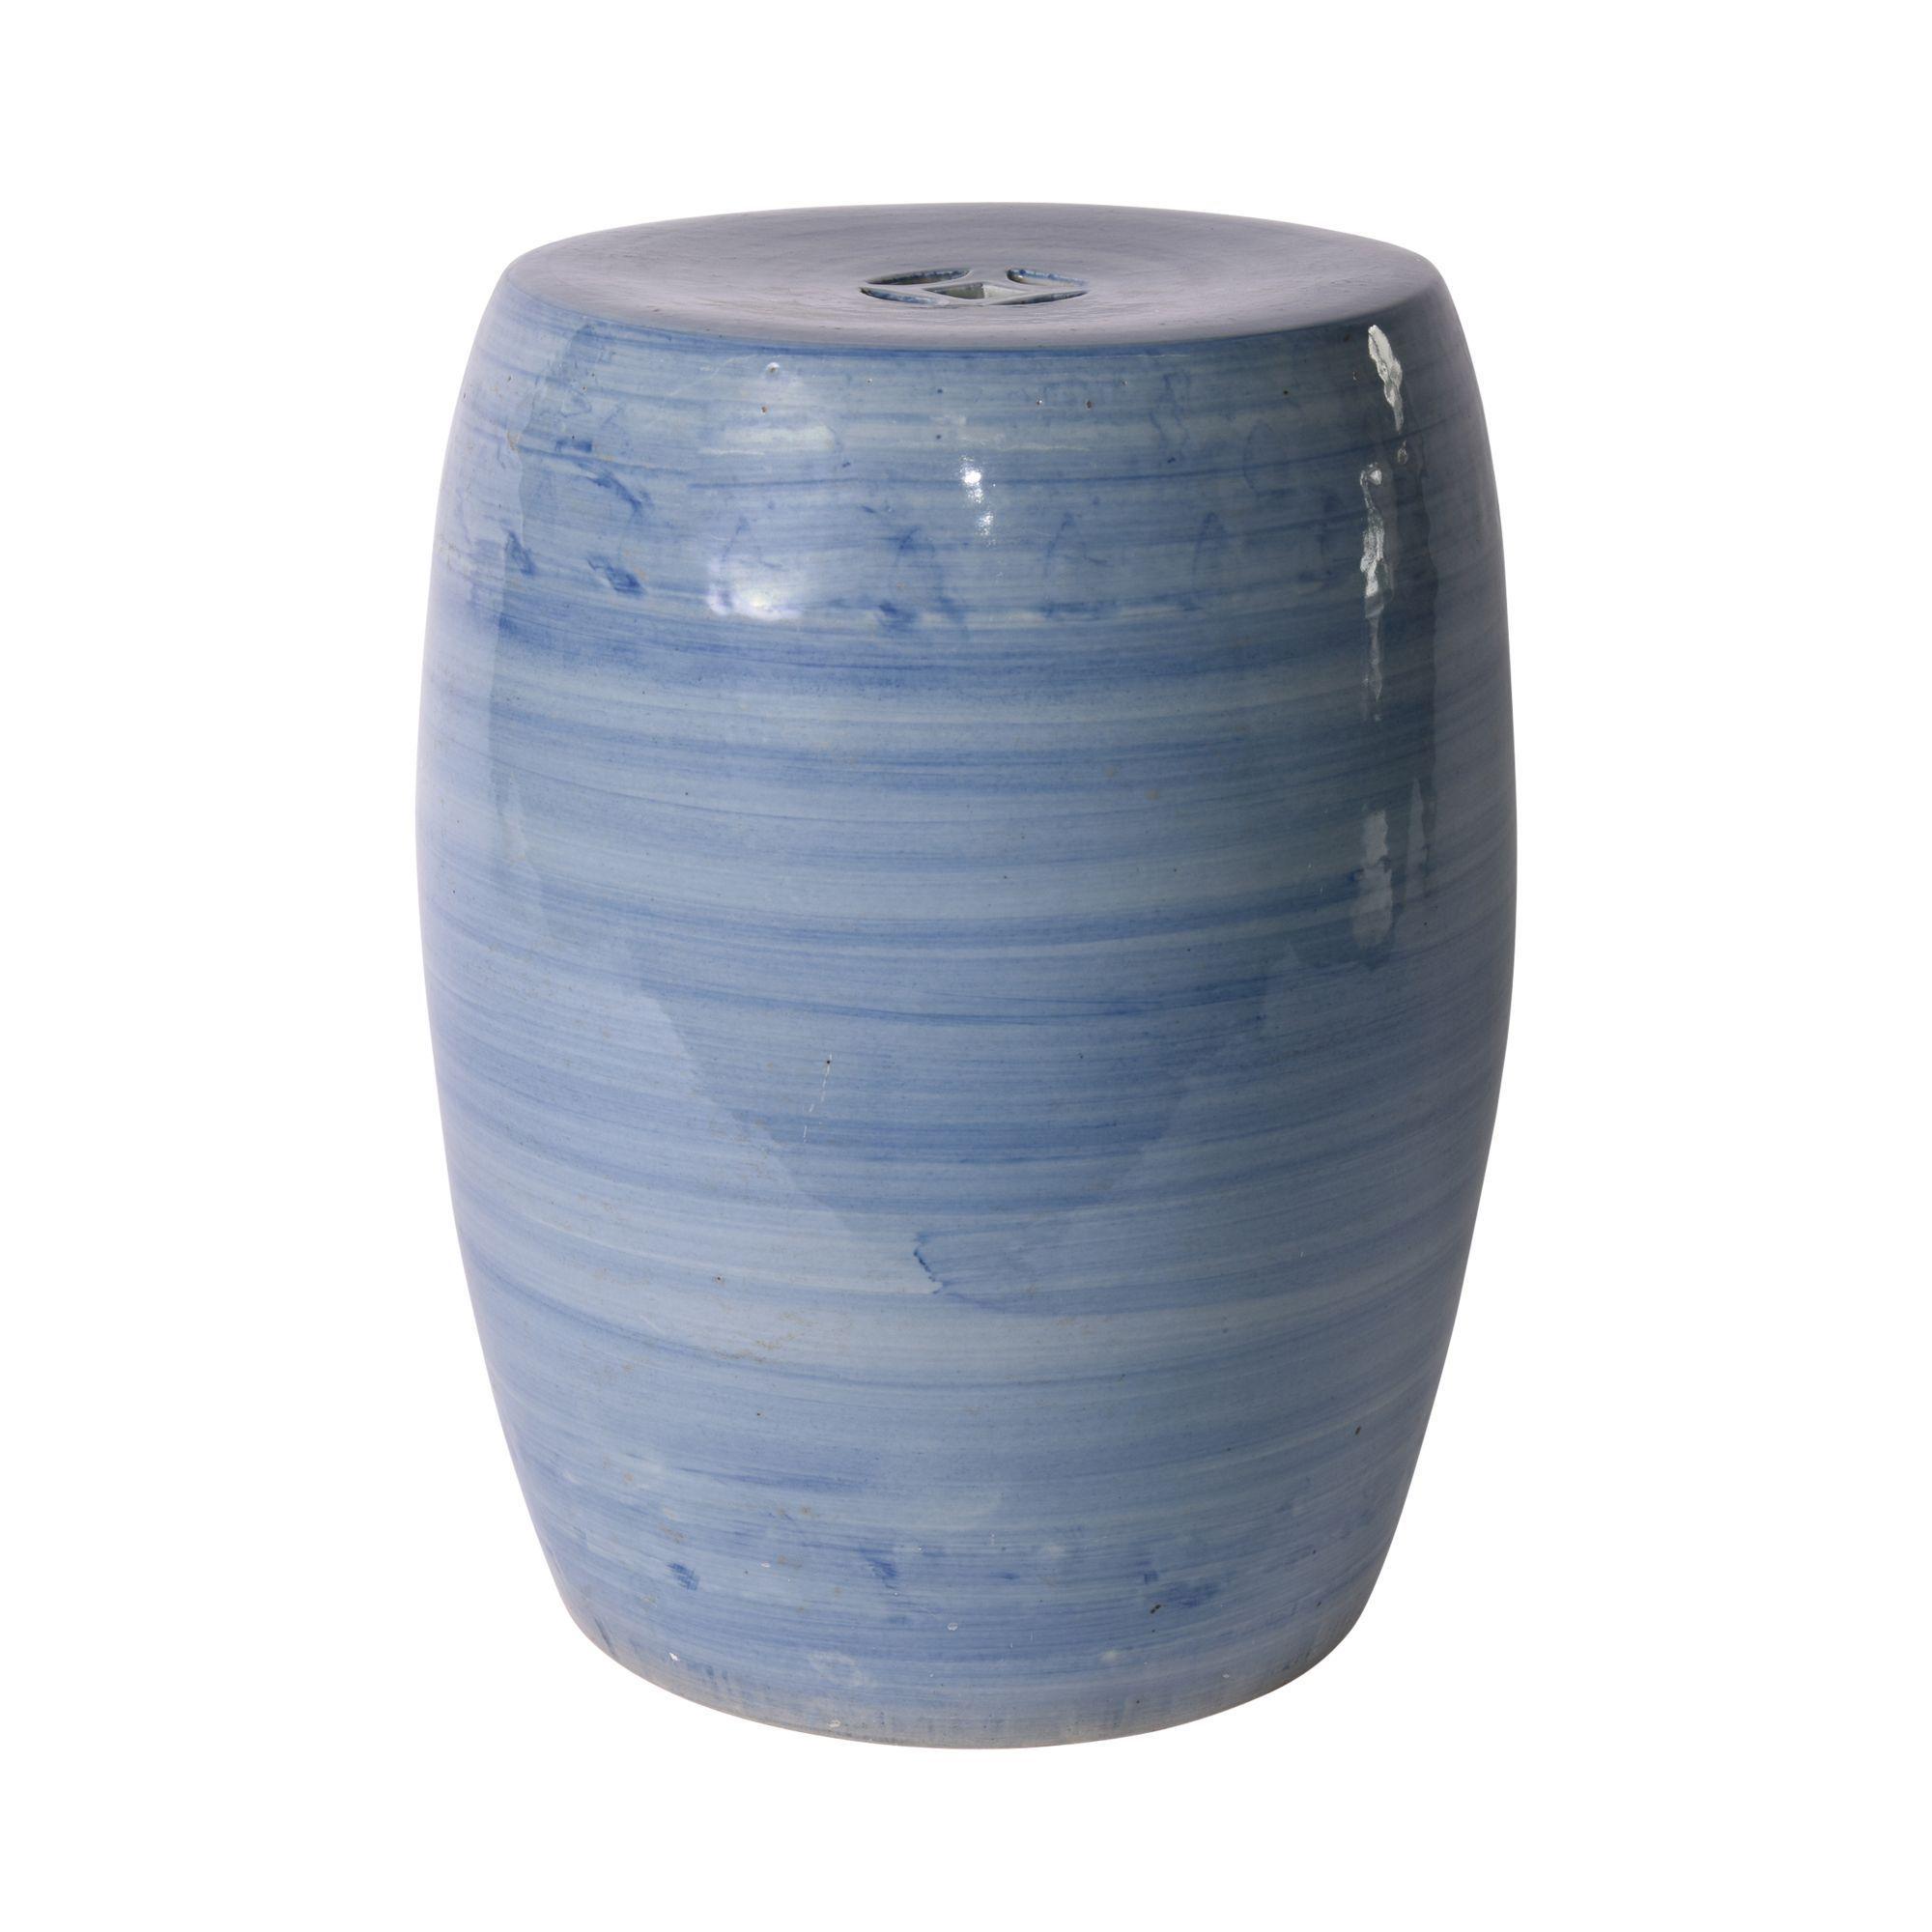 Denim Blue Village Garden Stool In 2020 Ceramic Garden Stools Blue Garden Stool Garden Stool